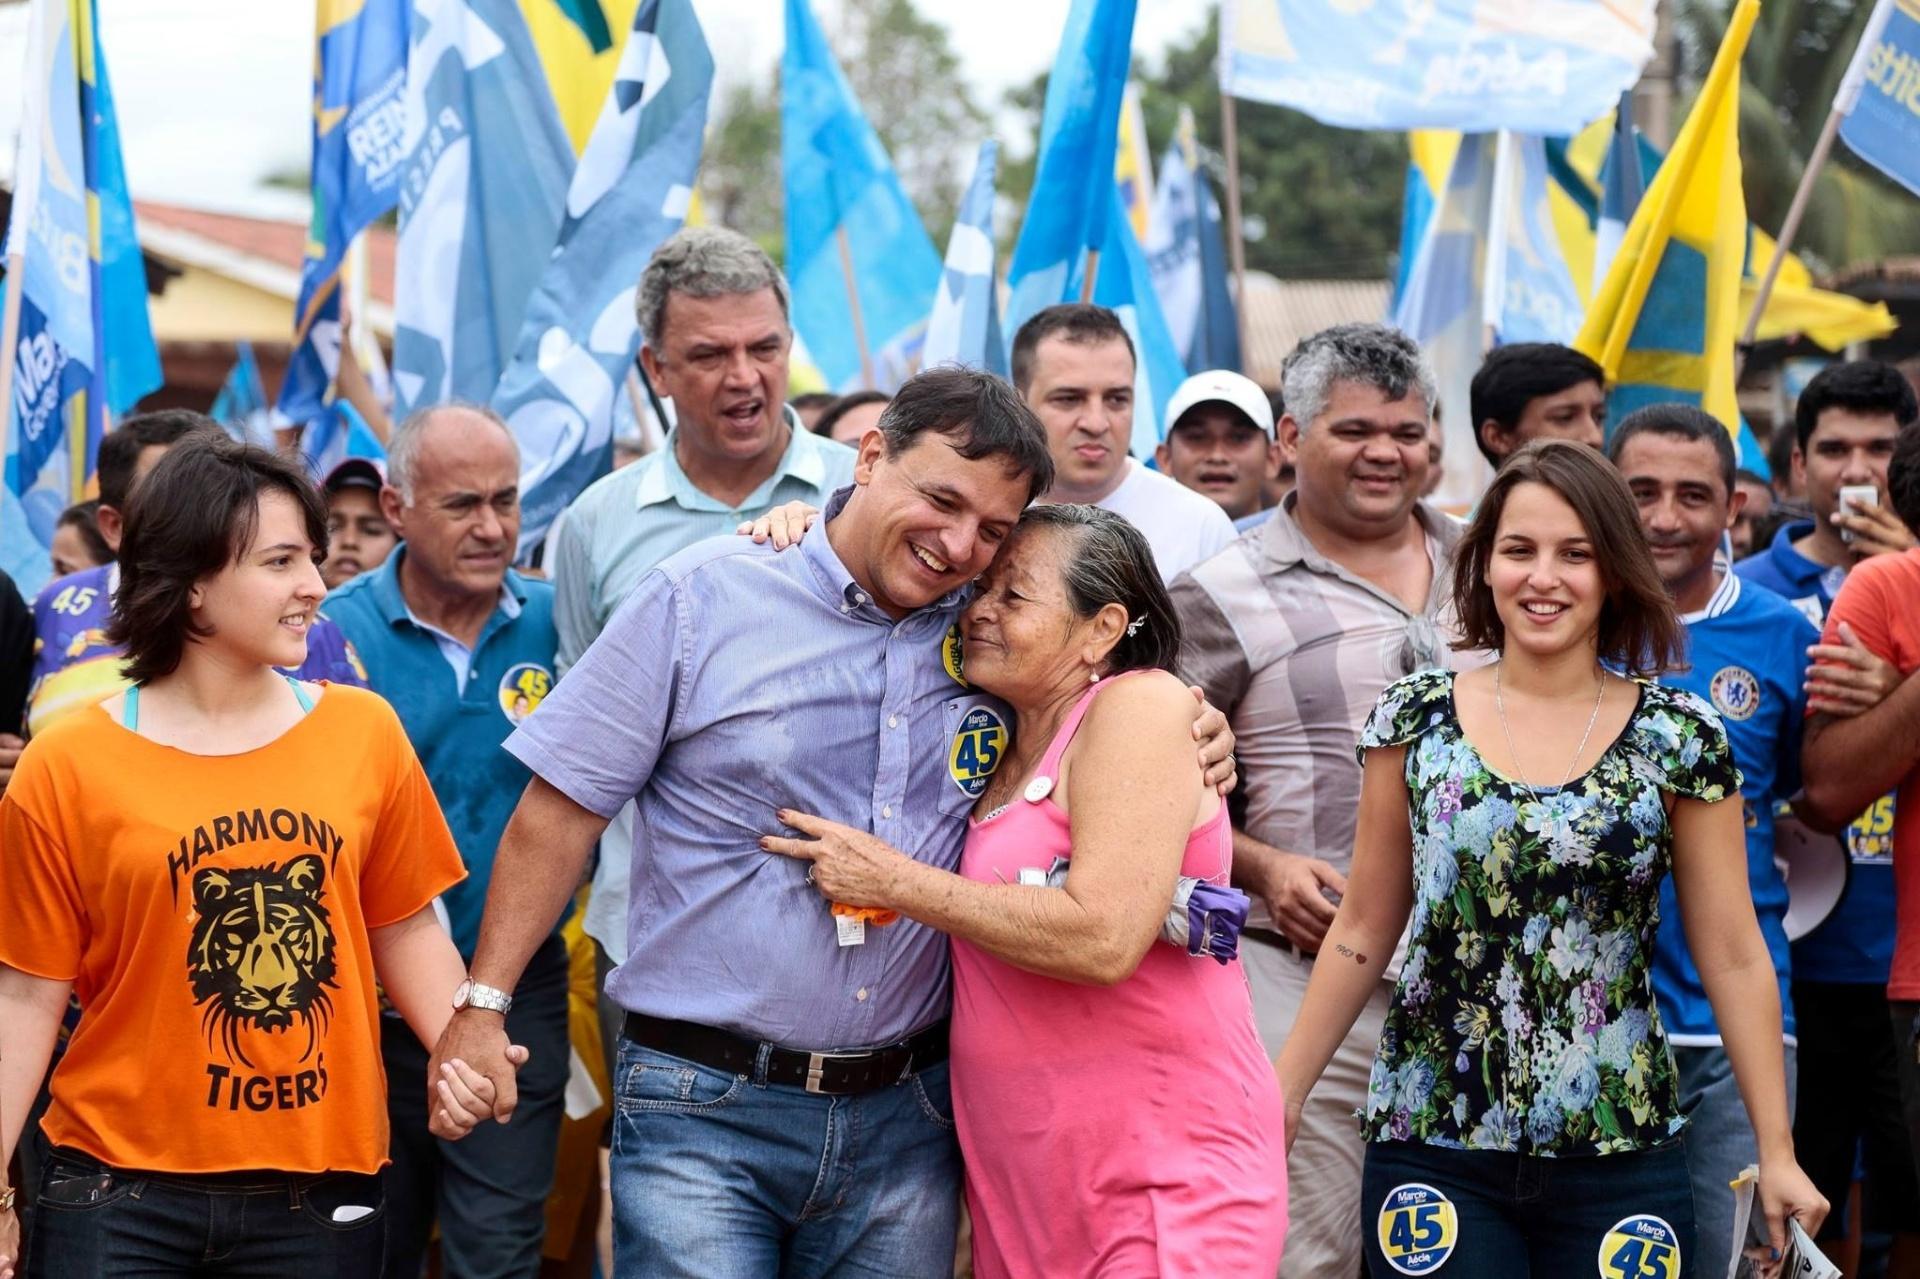 25.out.2014 - O candidato ao governo do Acre pelo PSDB, Márcio Bittar, faz caminhada com sua família e correligionários no bairro de Sobral, em Rio Branco. Pela manhã, ele publicou em sua página no Facebook um vídeo de agradecimento aos eleitores